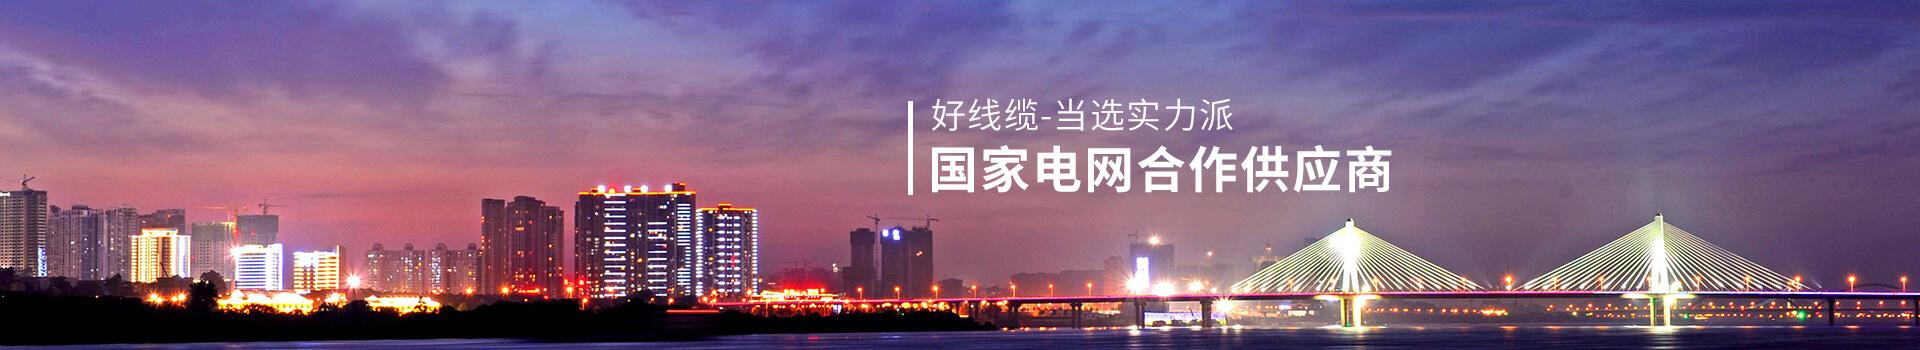 华强电缆,国家电网合作供应商